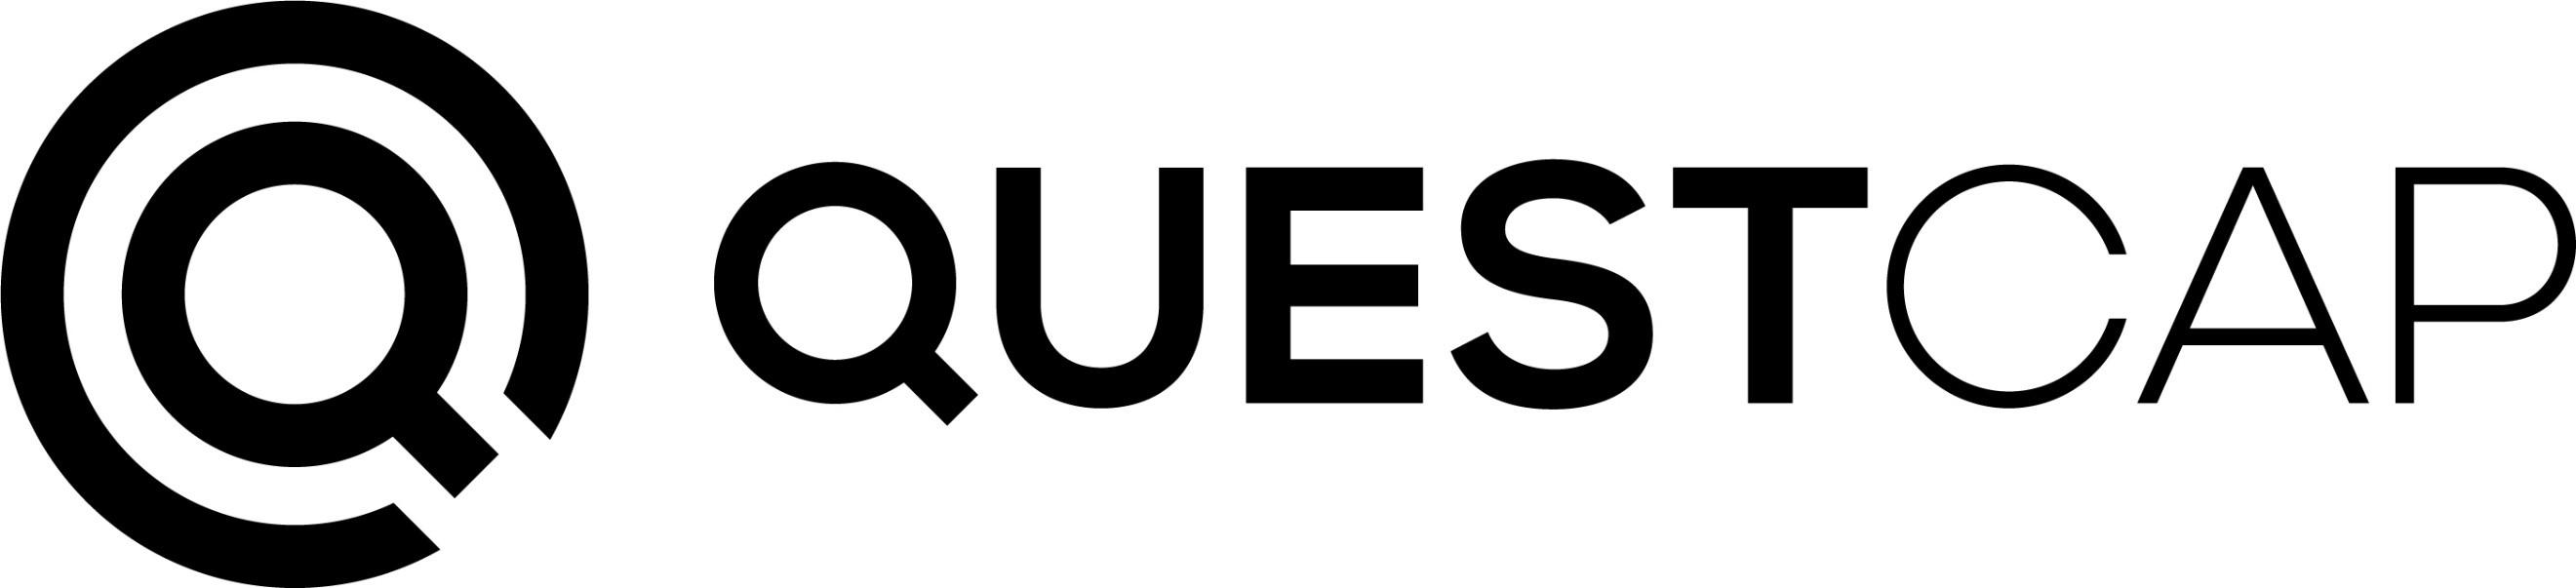 QuestCap Announces Opening of Second Collection Sites, LLC Las Vegas Testing Centre